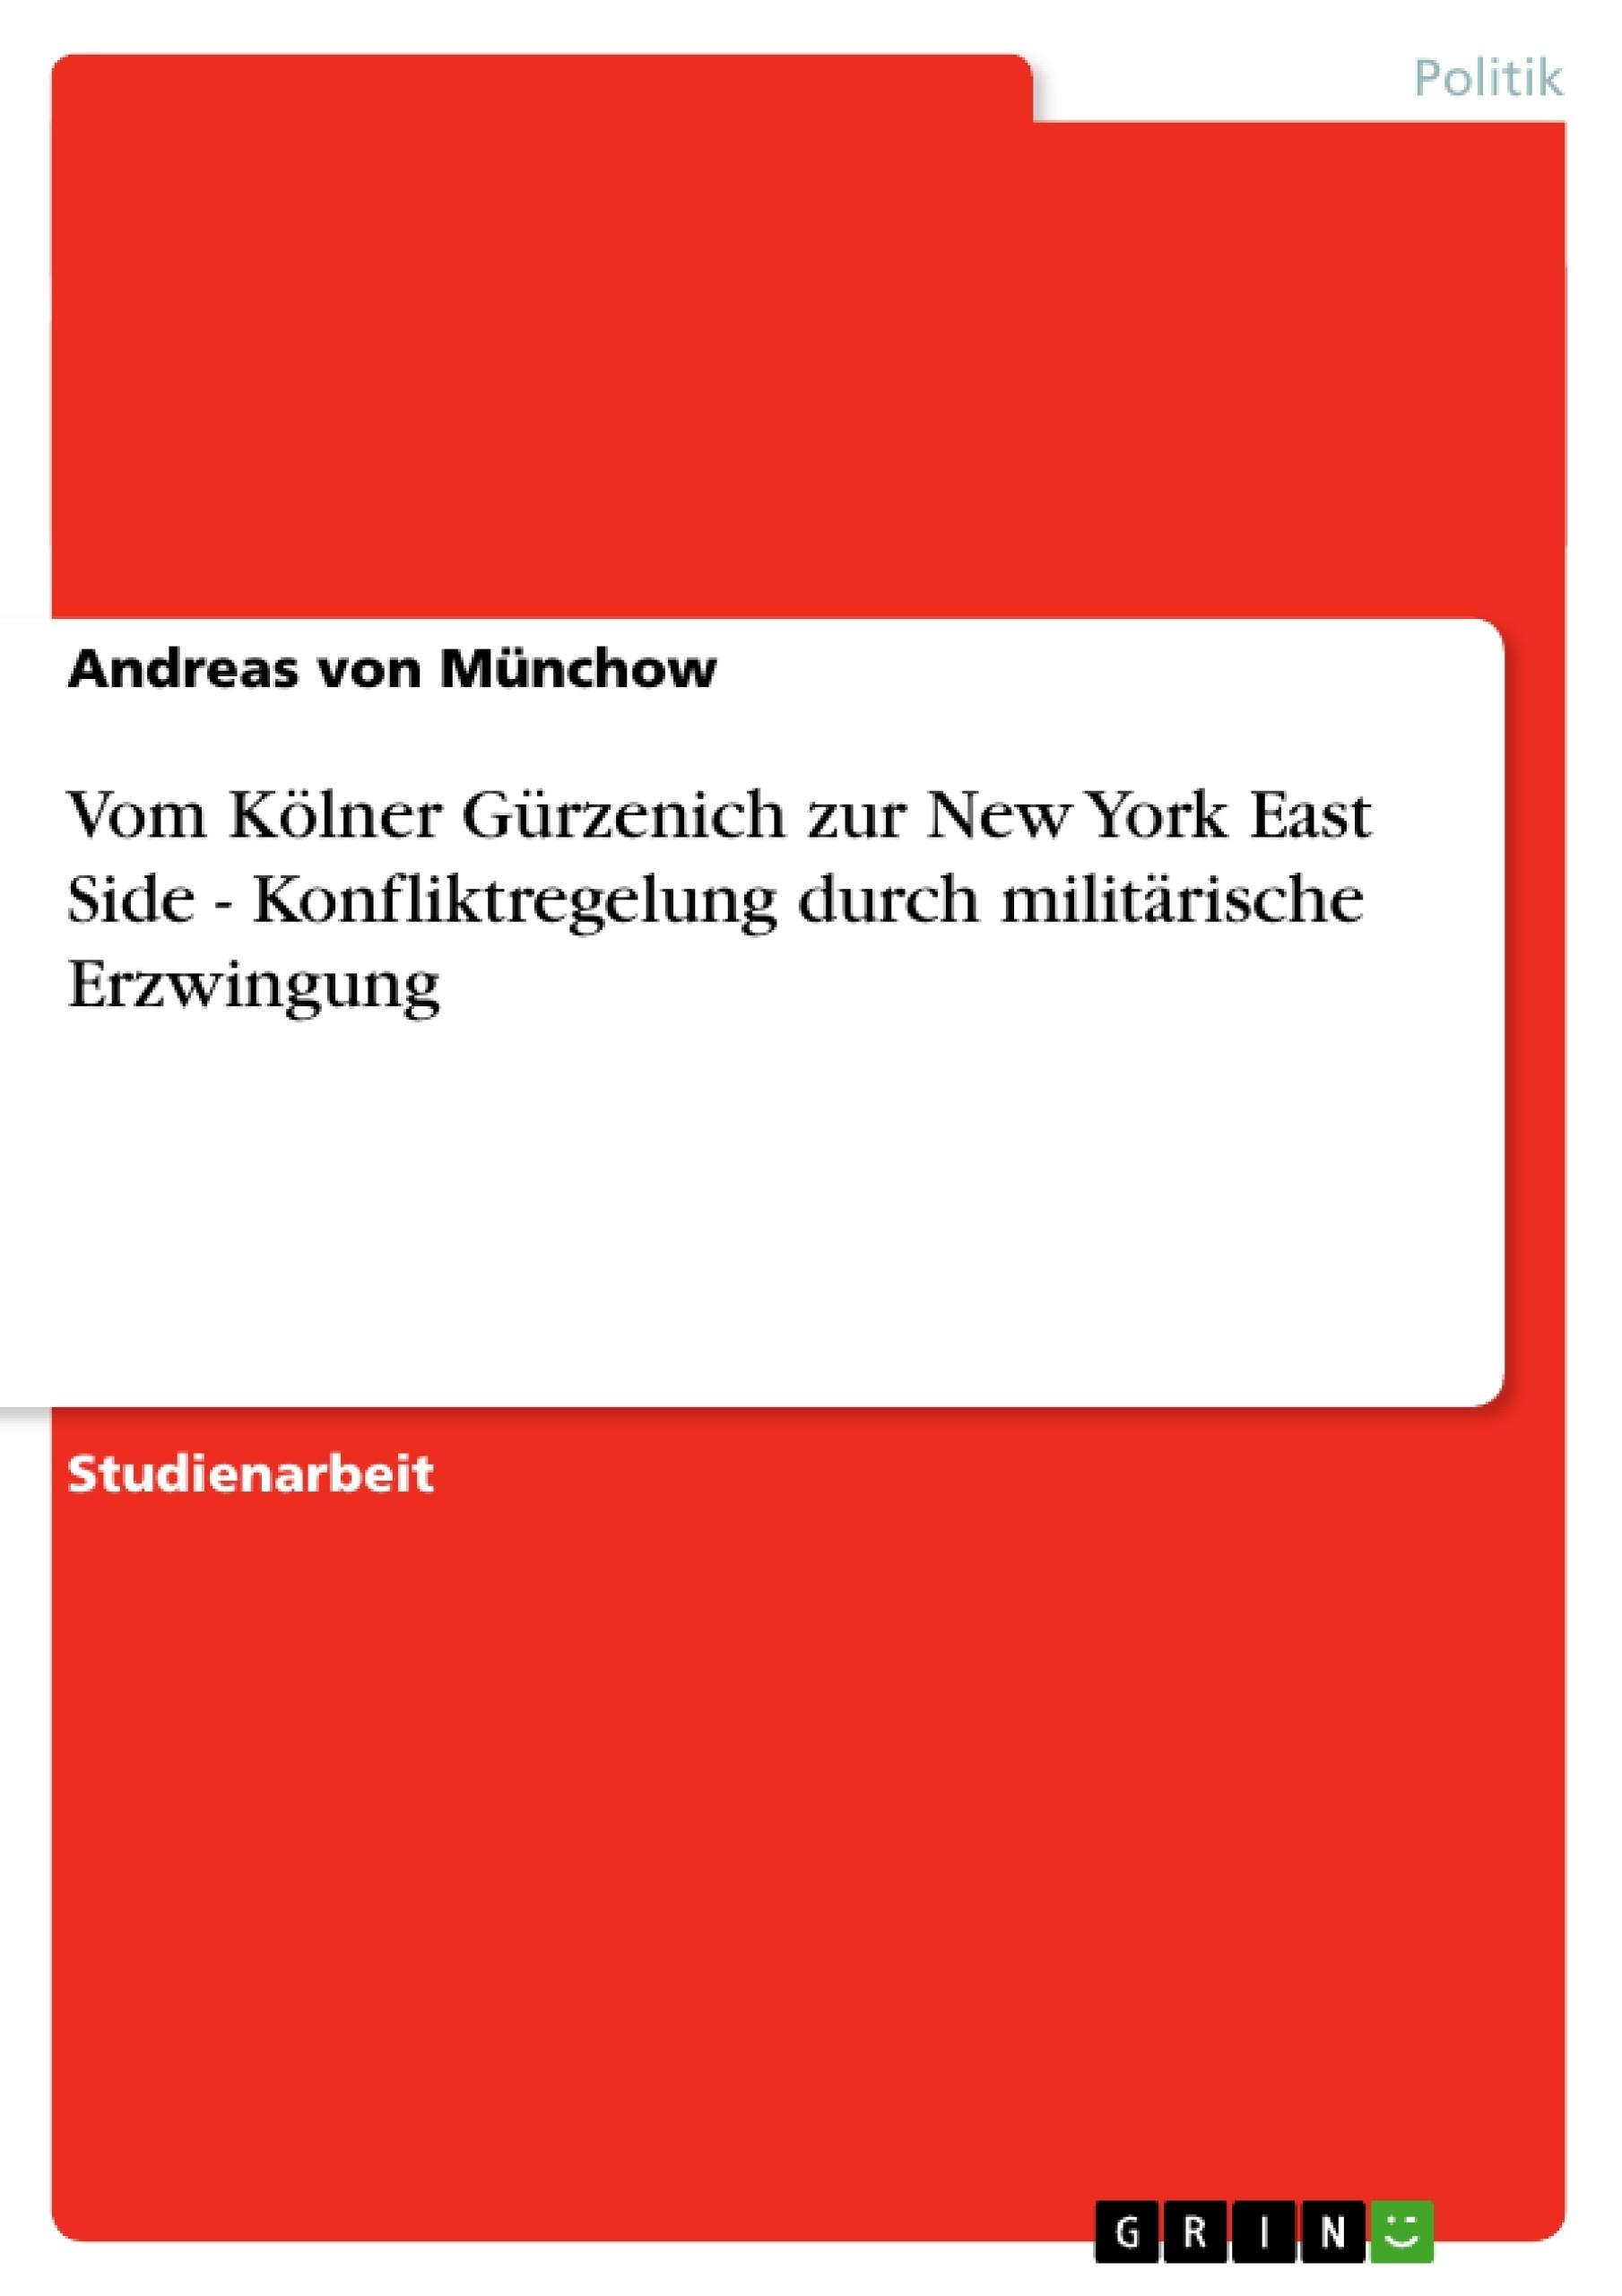 Titel: Vom Kölner Gürzenich zur New York East Side - Konfliktregelung durch militärische Erzwingung